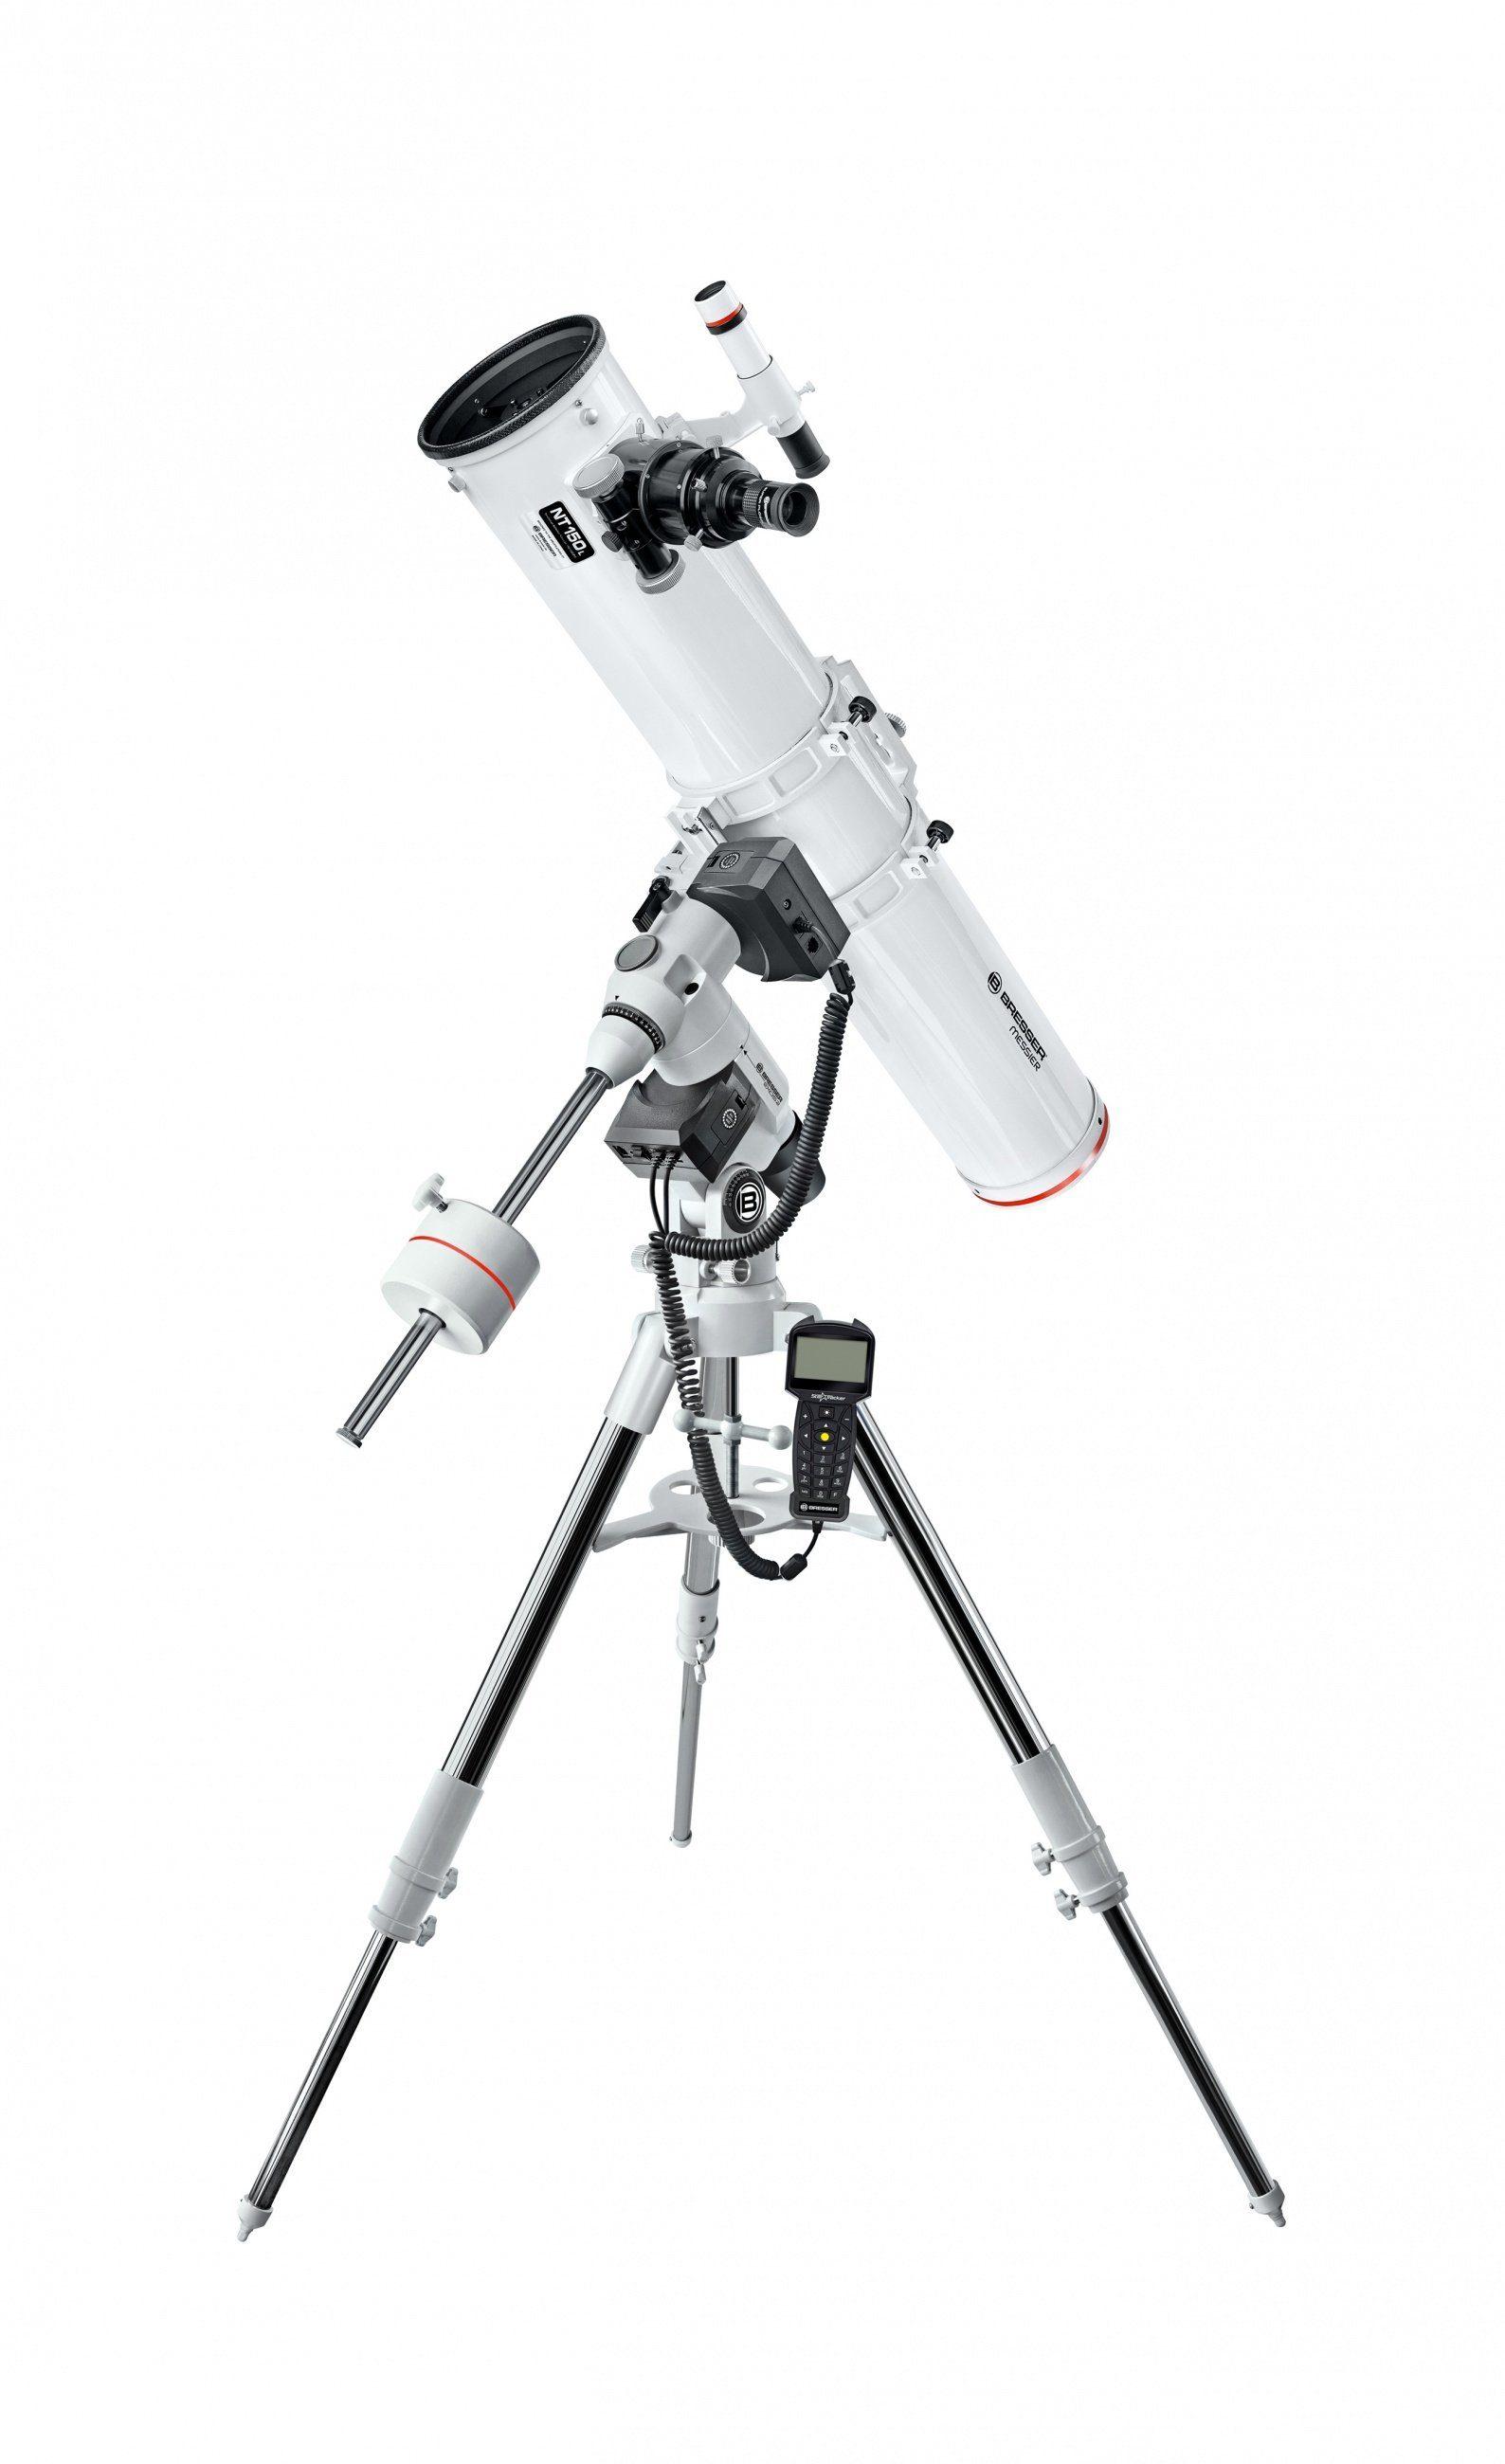 Bresser Teleskop »Messier NT-150L/1200 Hexafoc EXOS-2 GoTo Teleskop«